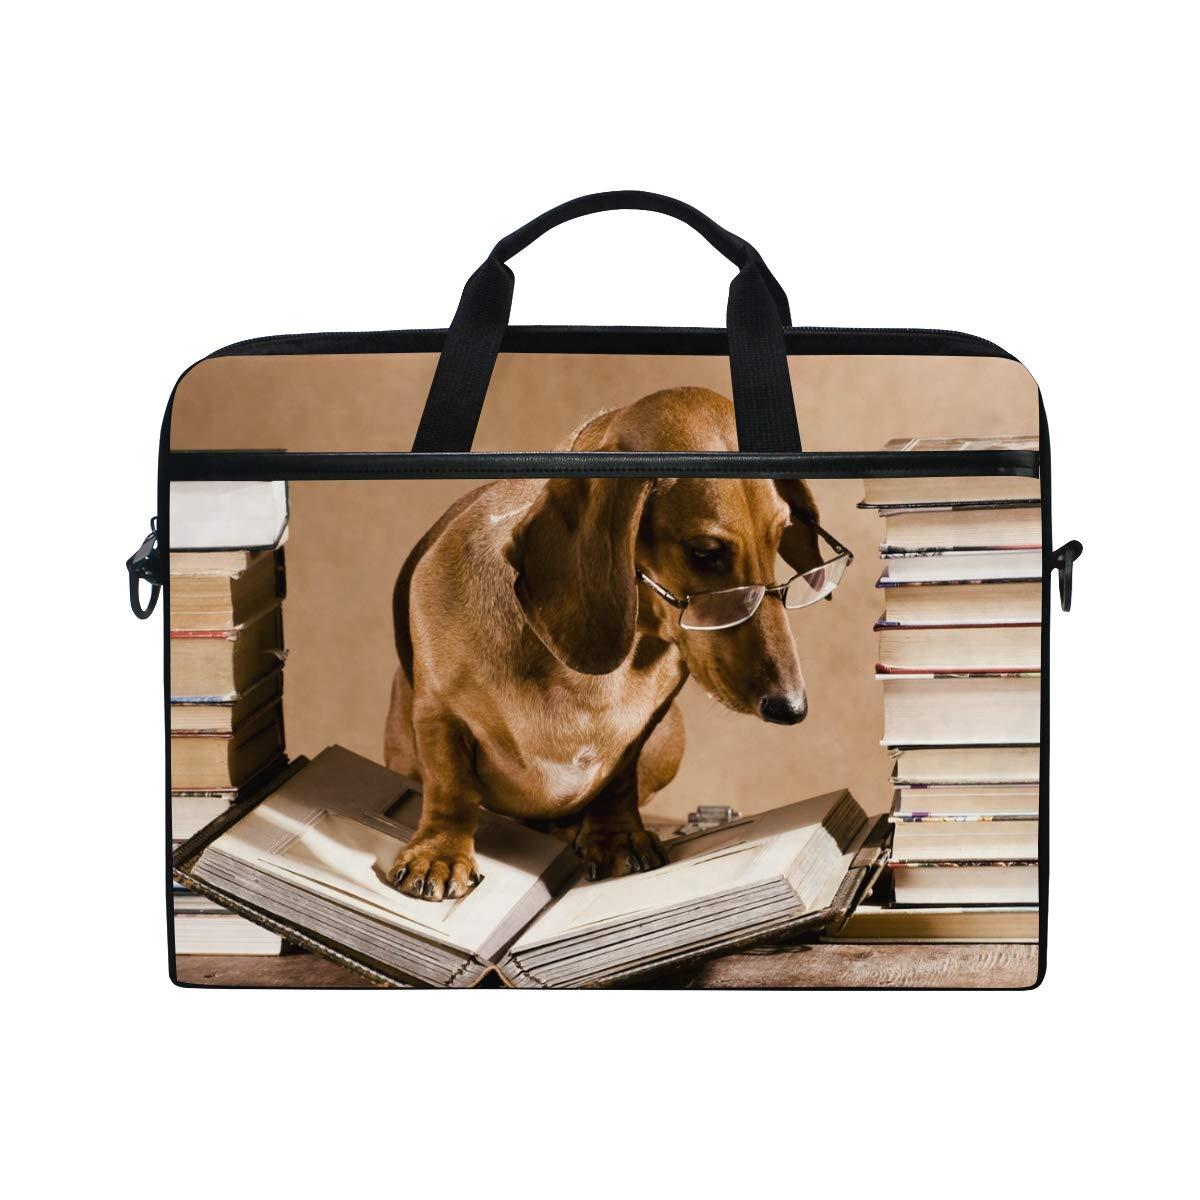 HousingMart 15 Inch Laptop Sleeve Bag Dachshund Dog Reading Book Shoulder Laptop Bag Case Hand Bag Macbook Computer Bag for Women Men Kids